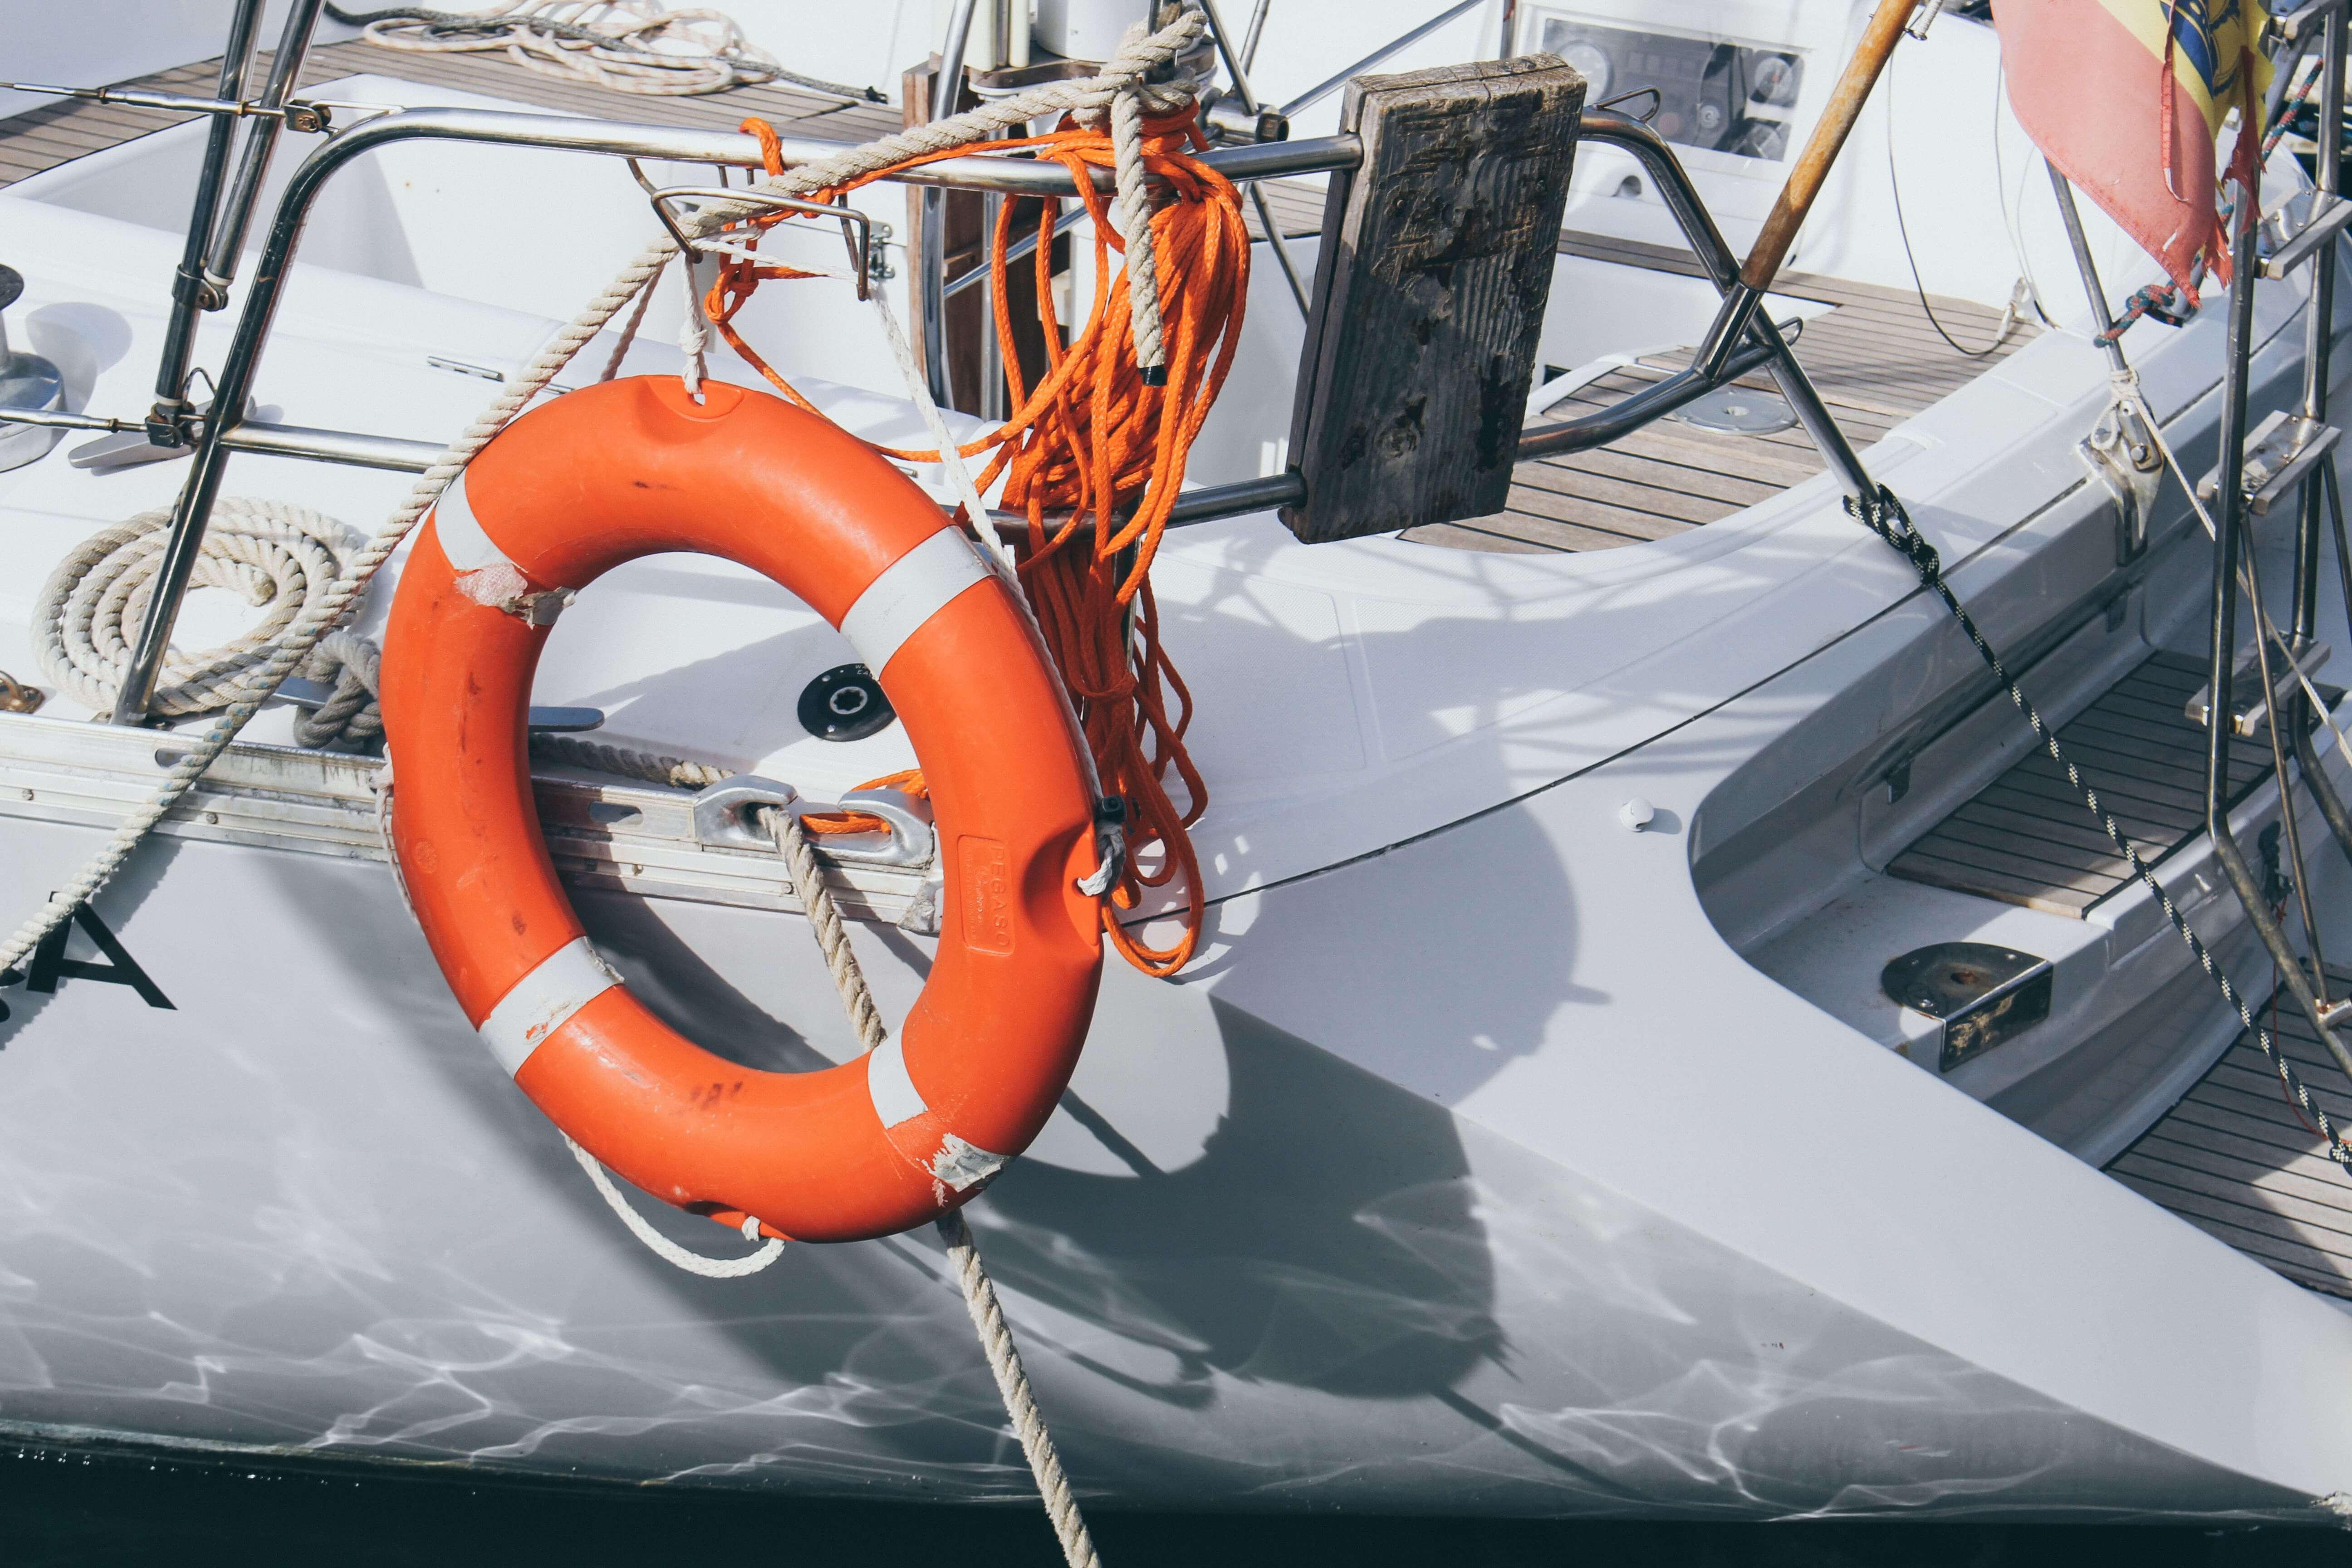 boia salva vidas em barco